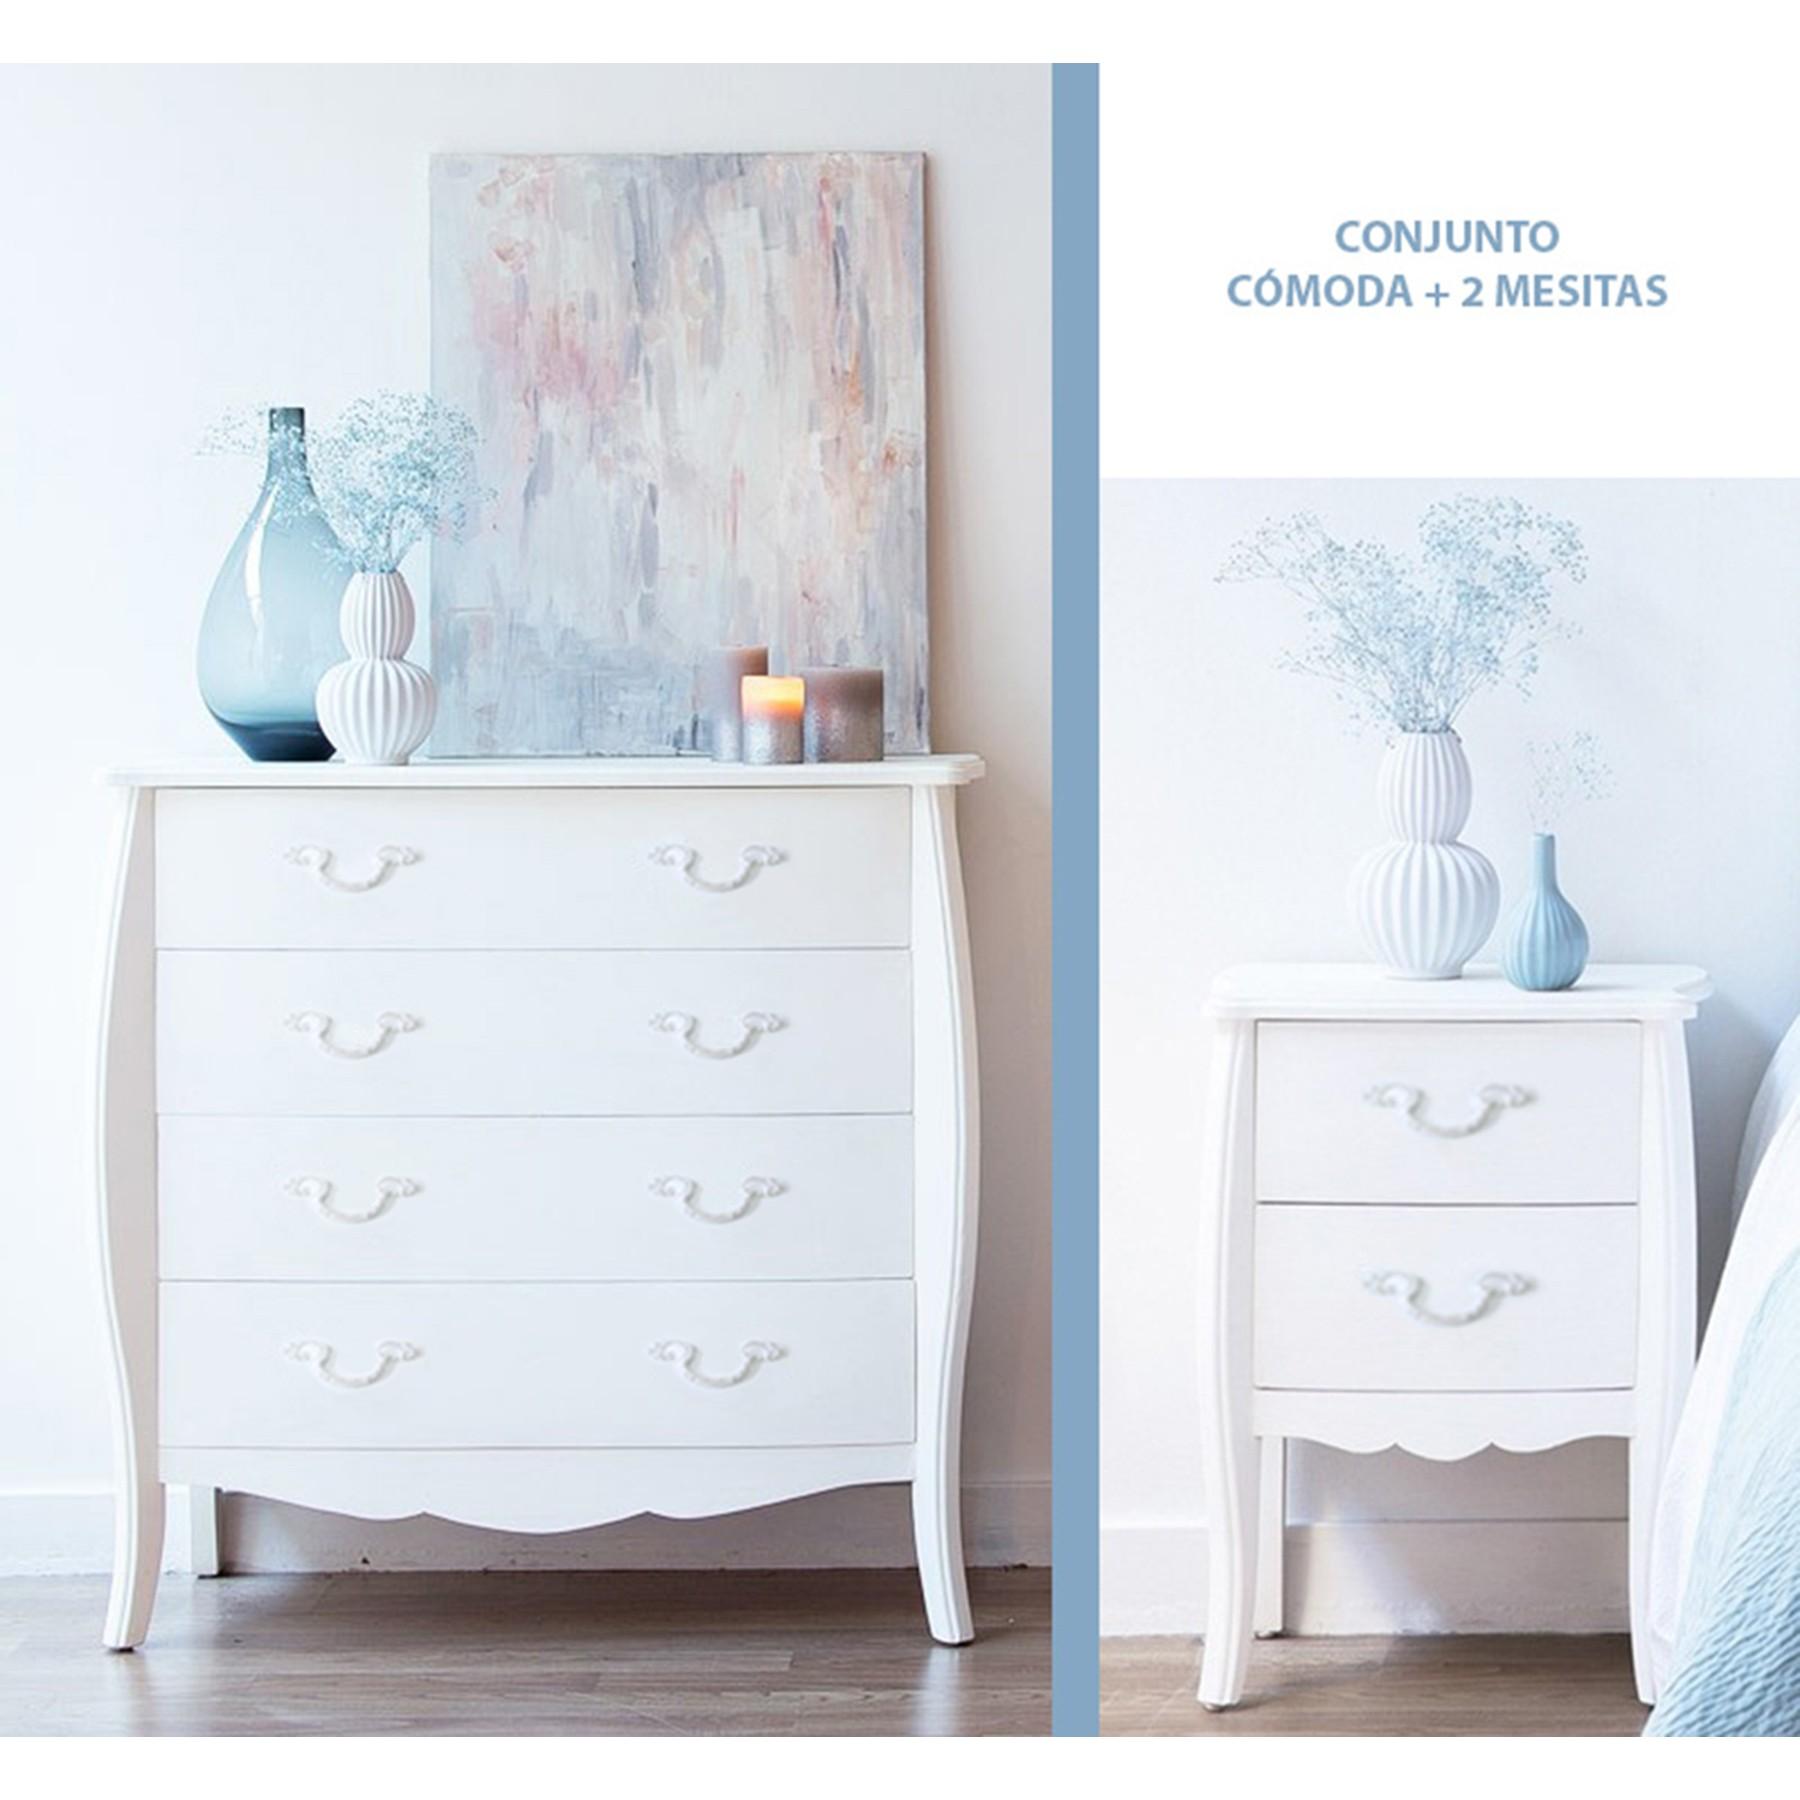 Conjunto c moda y mesitas modelo nube - Mesitas de noche blancas conforama ...